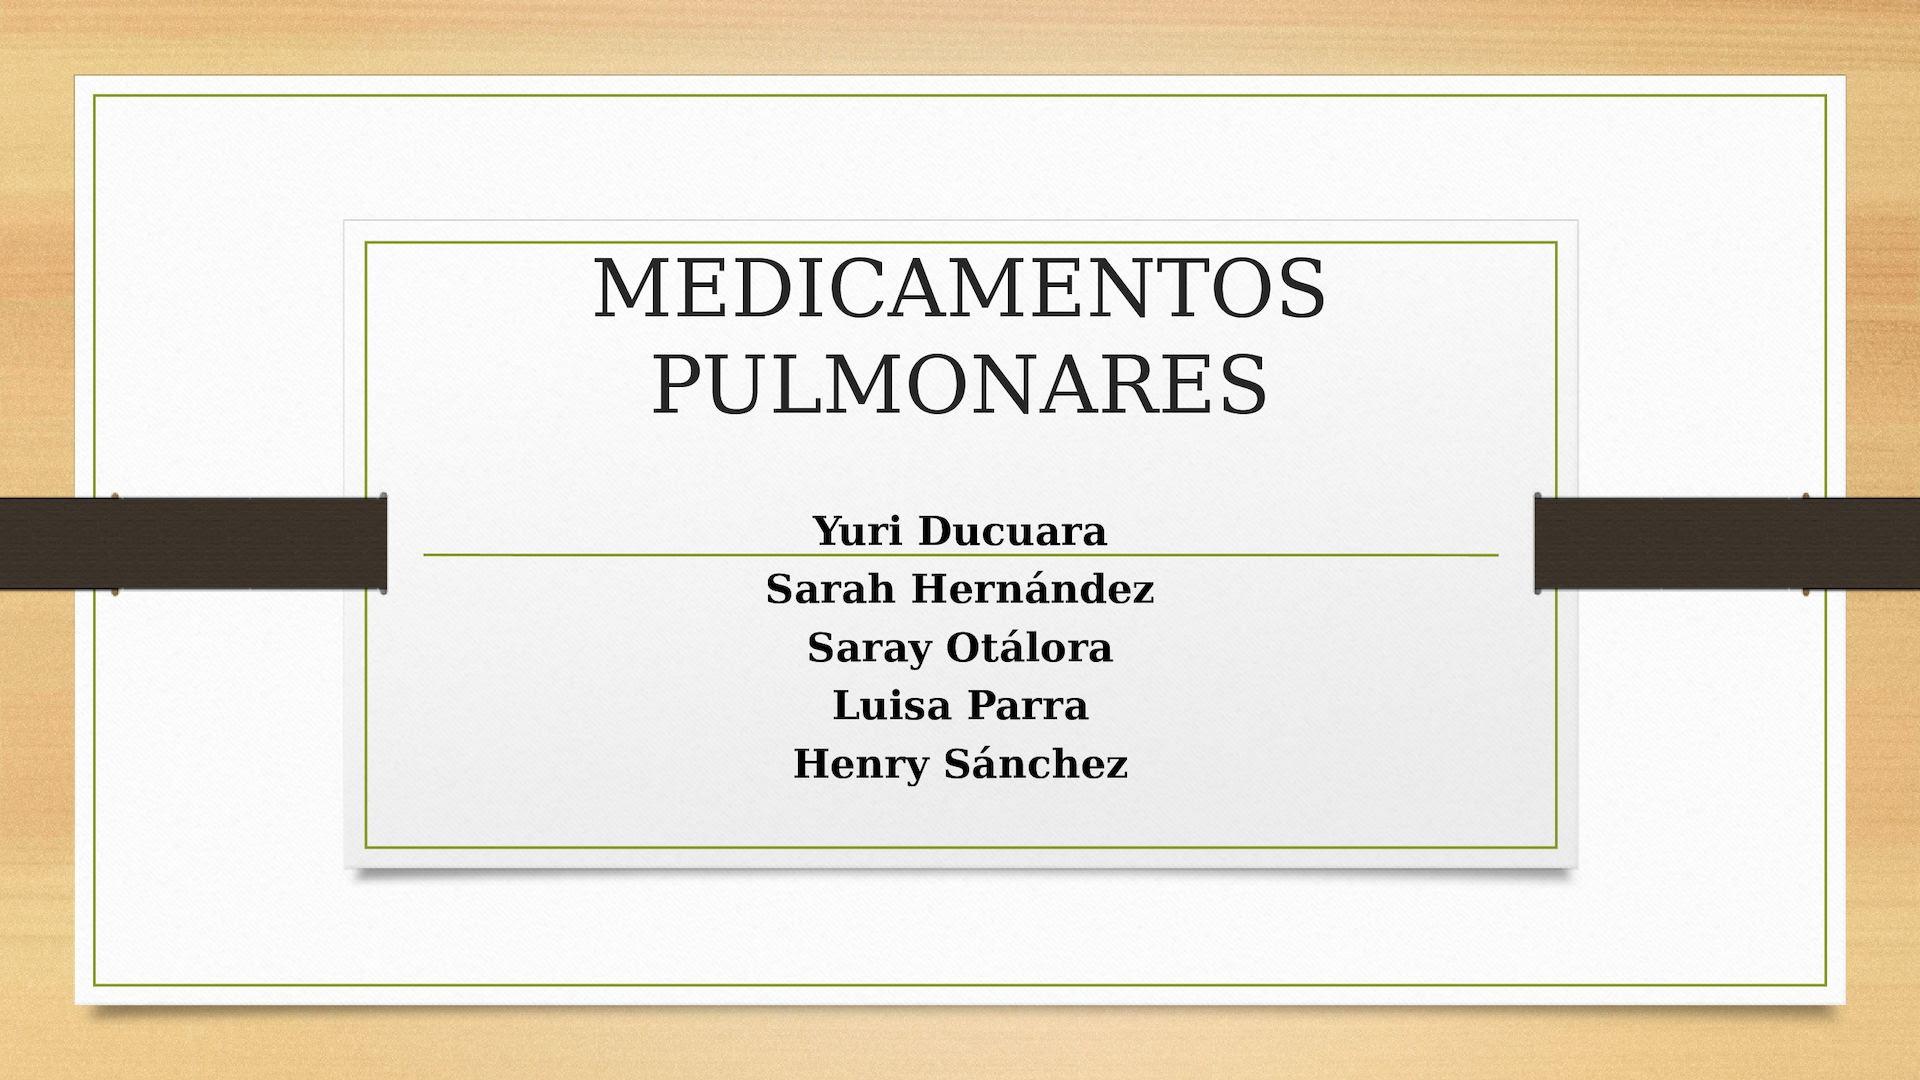 Calaméo Medicamentos Pulmonares Docx Pptx